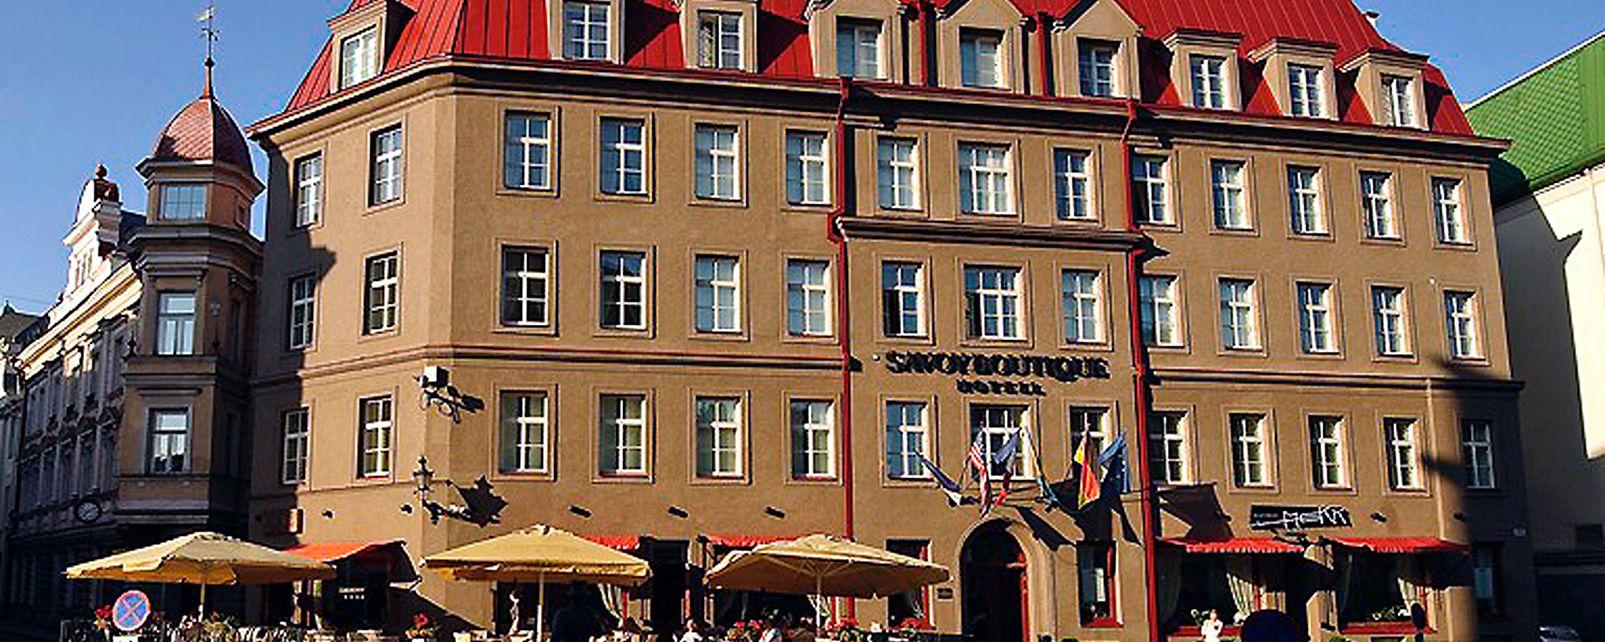 Hotel Savoy Boutique Hotel